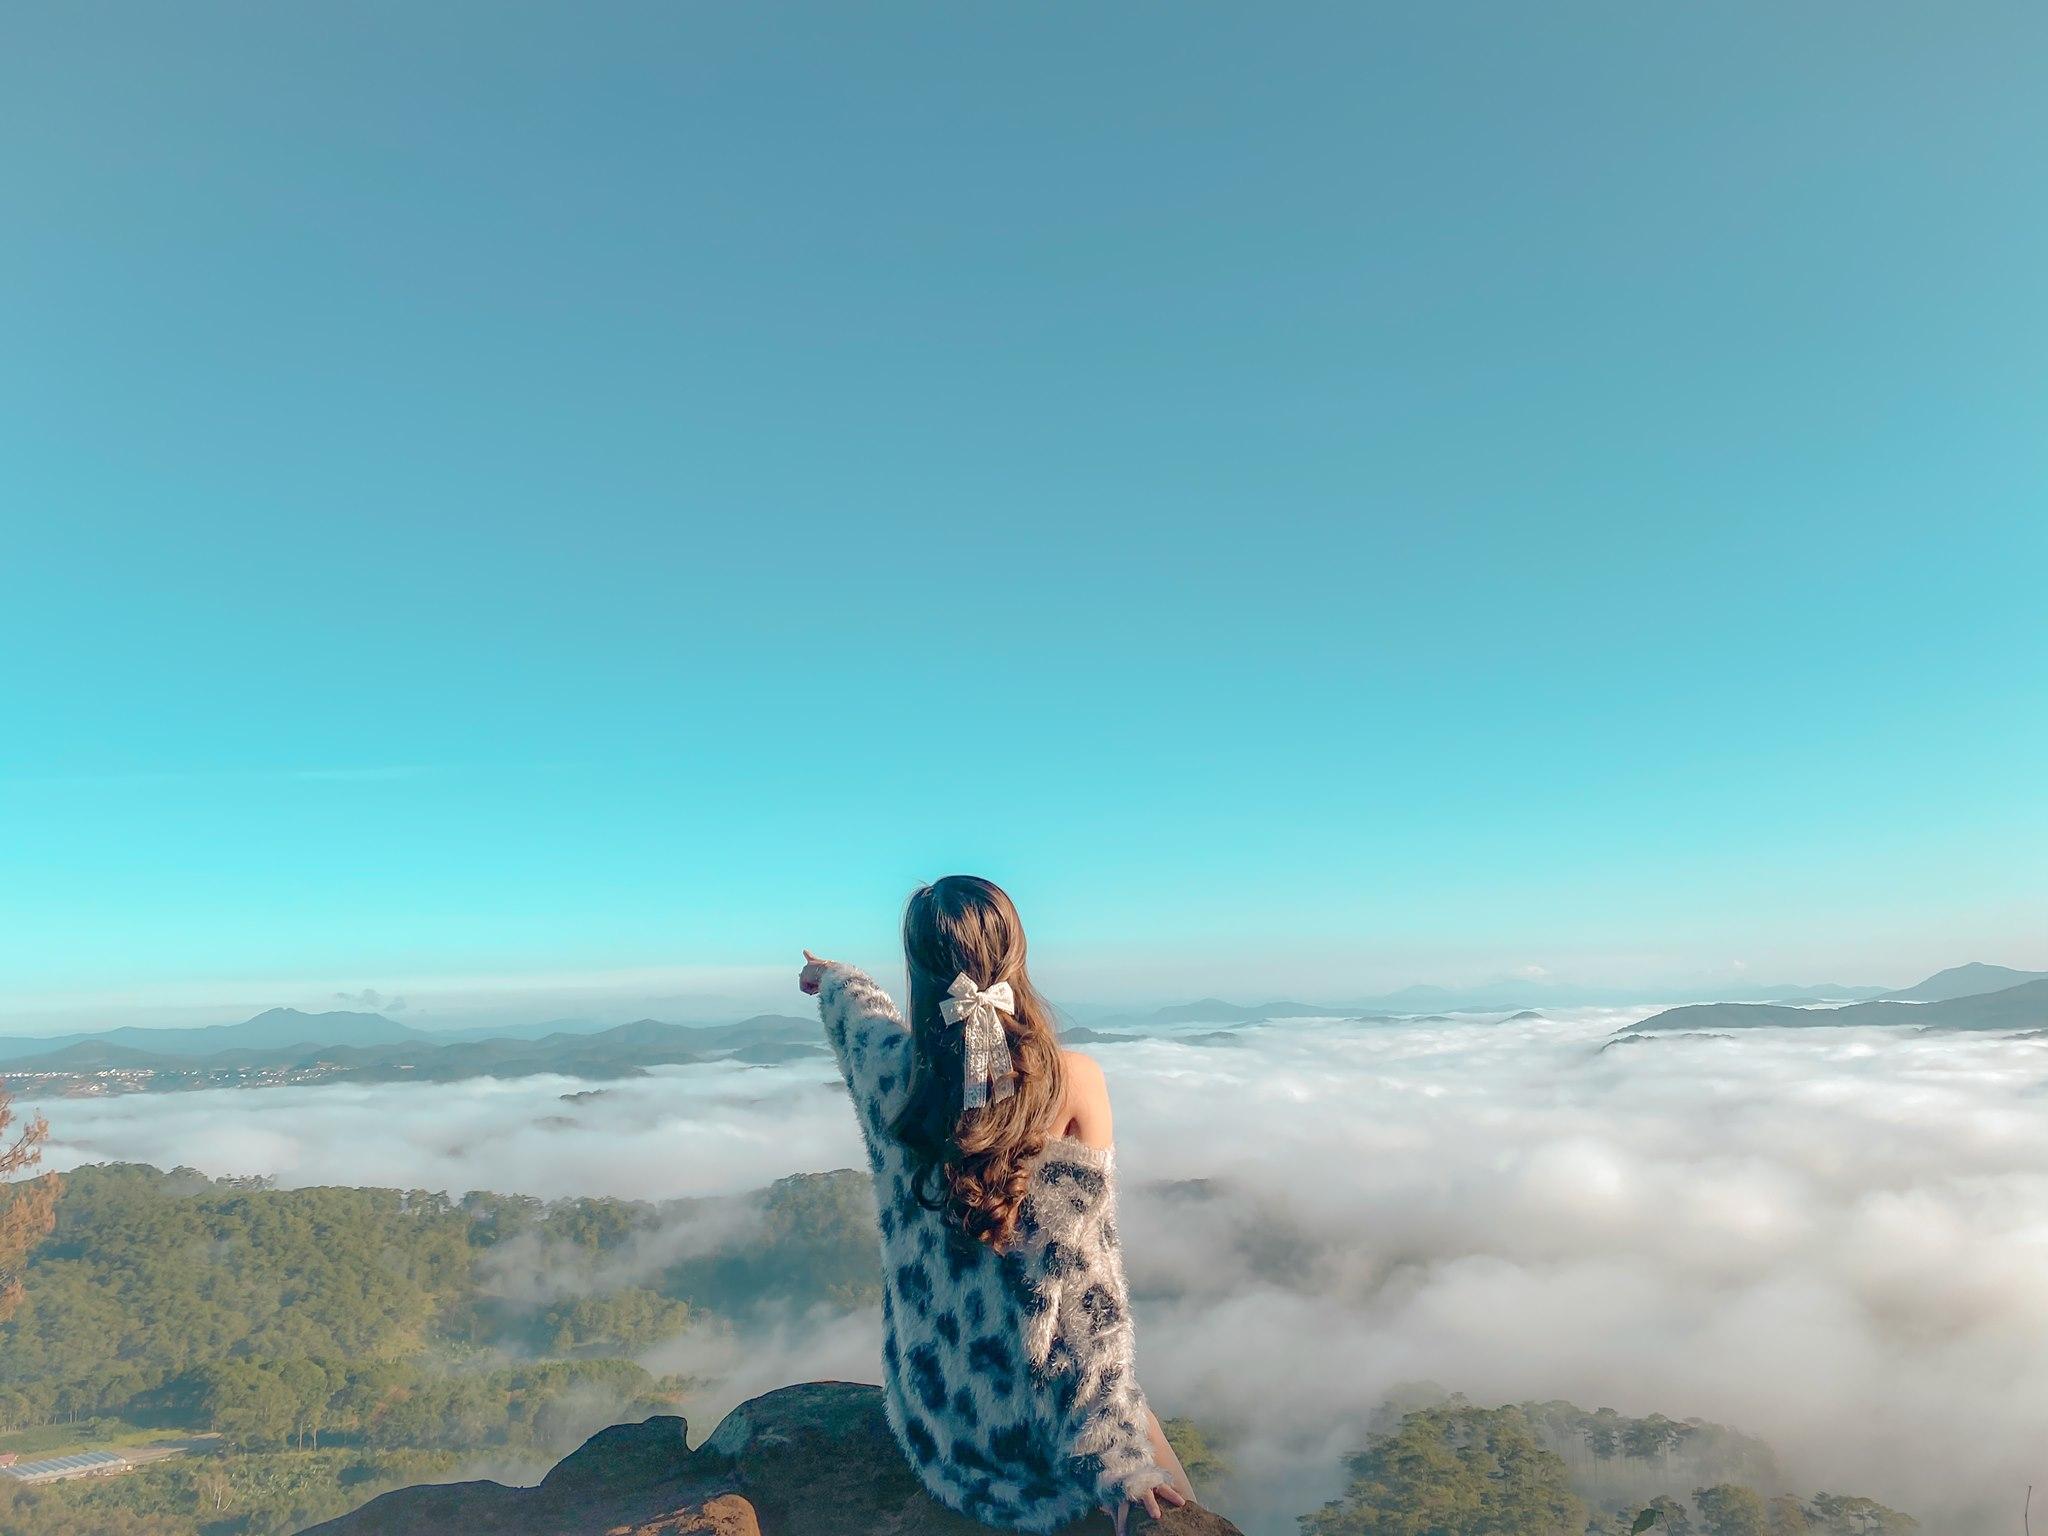 Ngập tràn mây. Hình: Sưu tầm